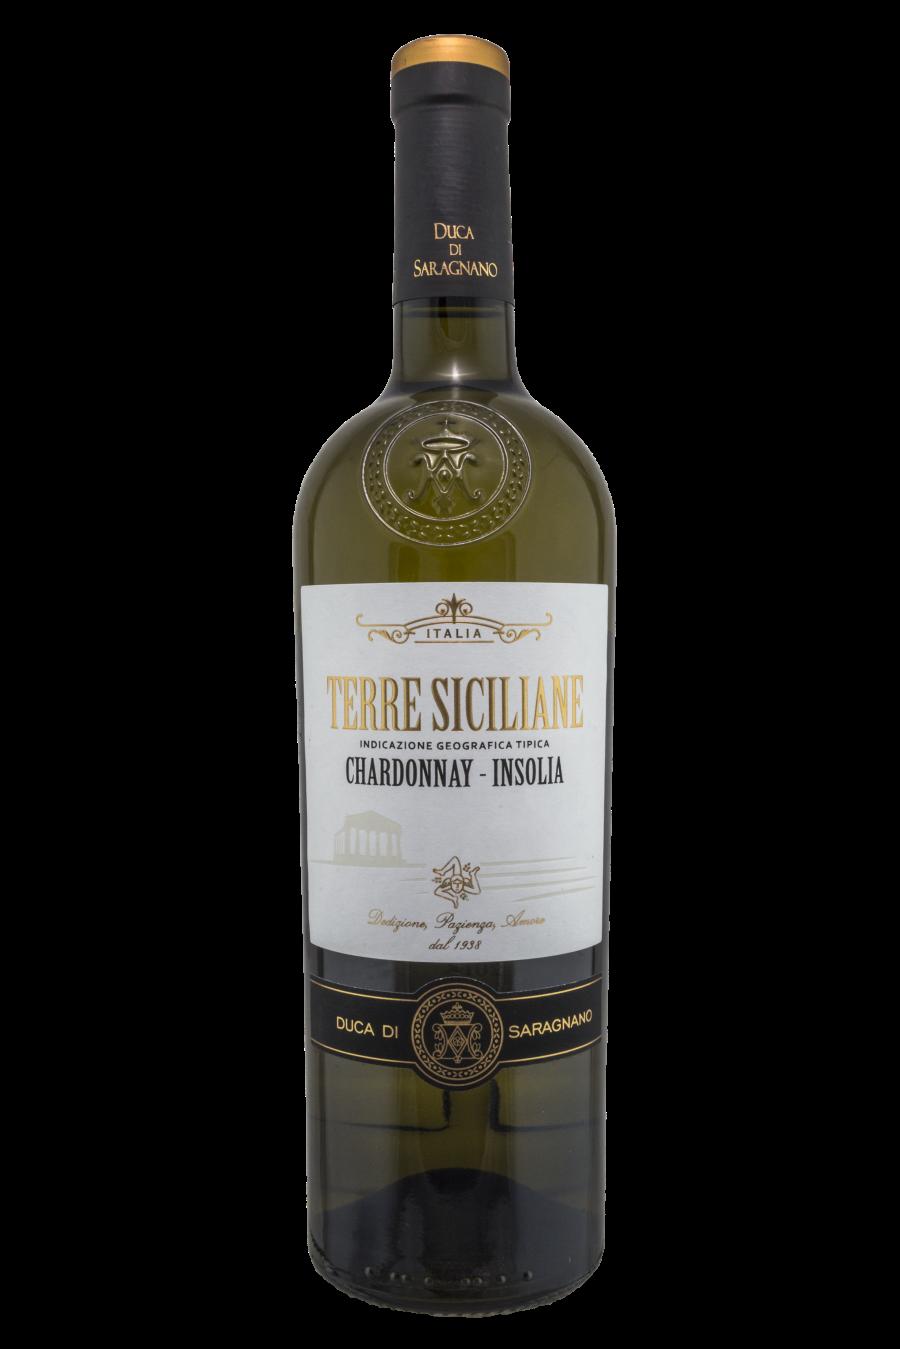 Terre Siciliane Chardonnay - Insolia